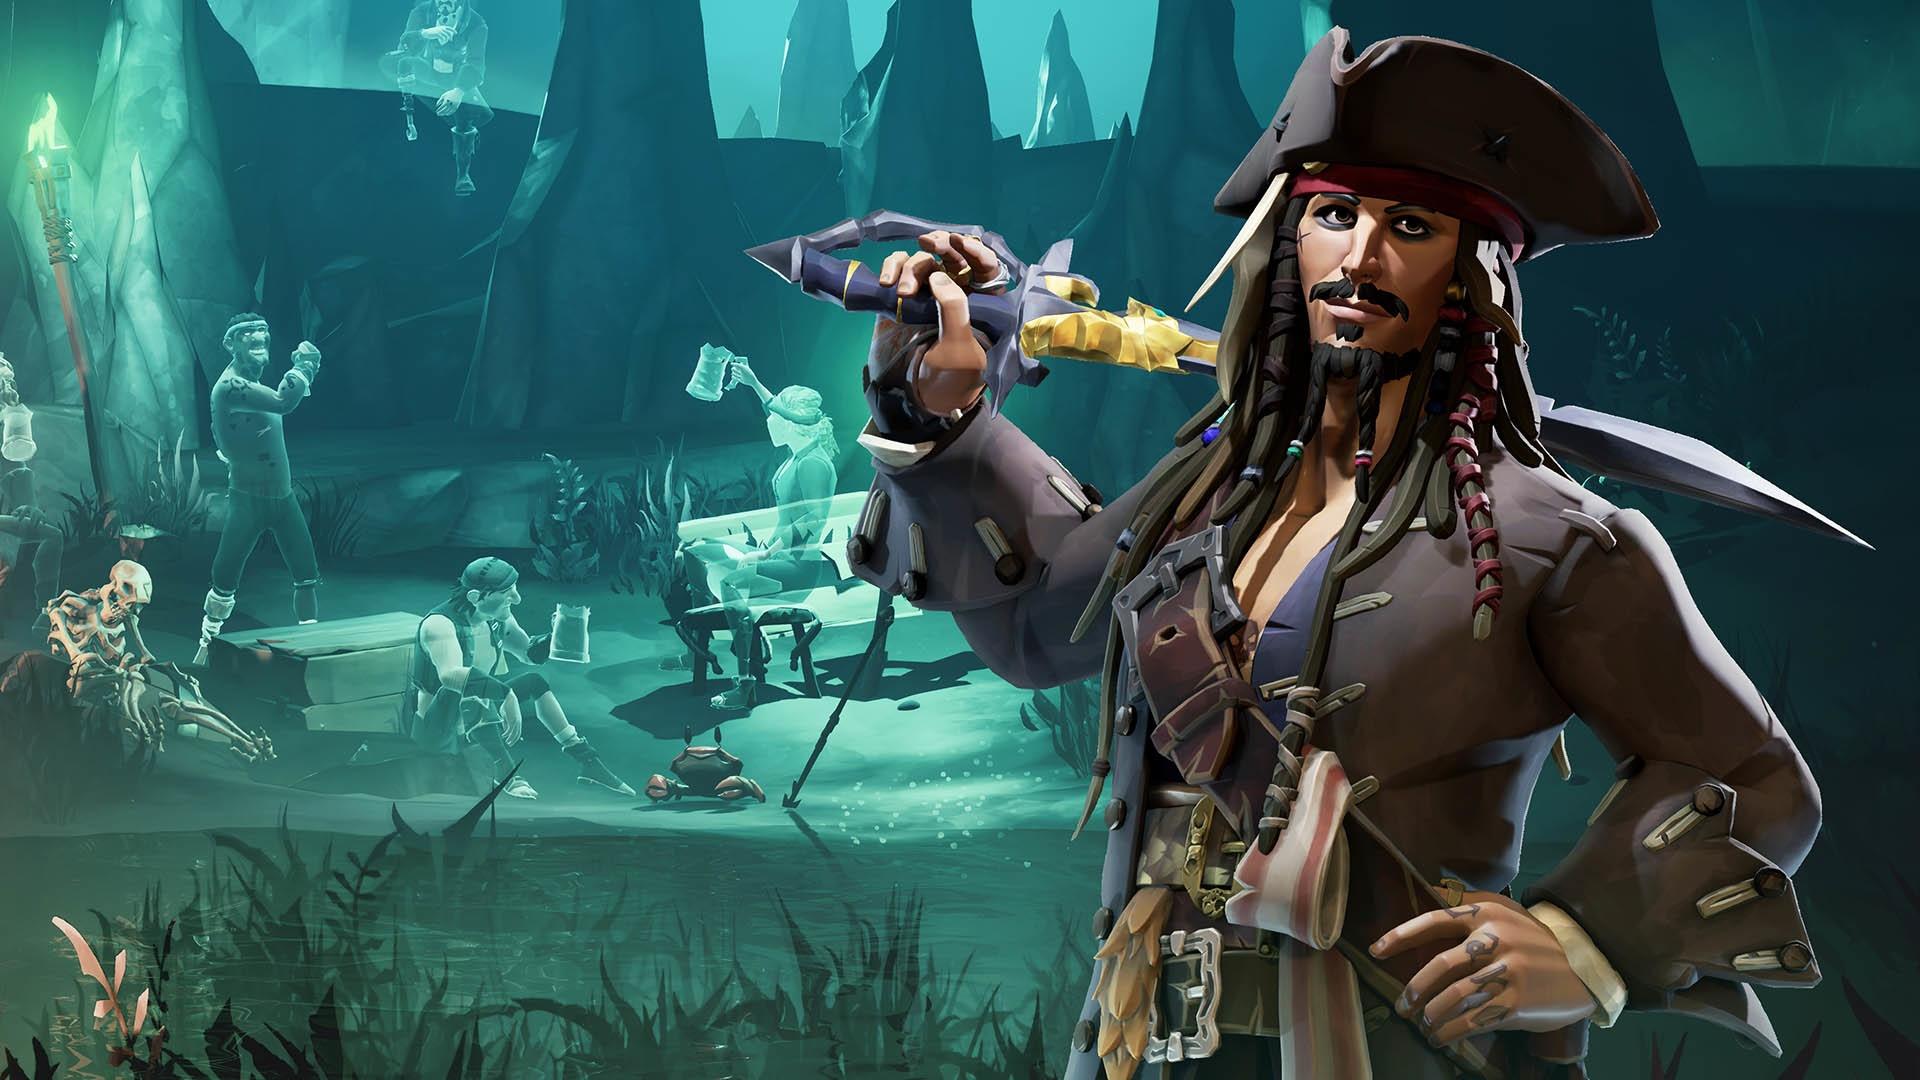 sea-of-thieves-a-pirate-s-life-alle-infos-zum-fluch-der-karibik-update-season-3